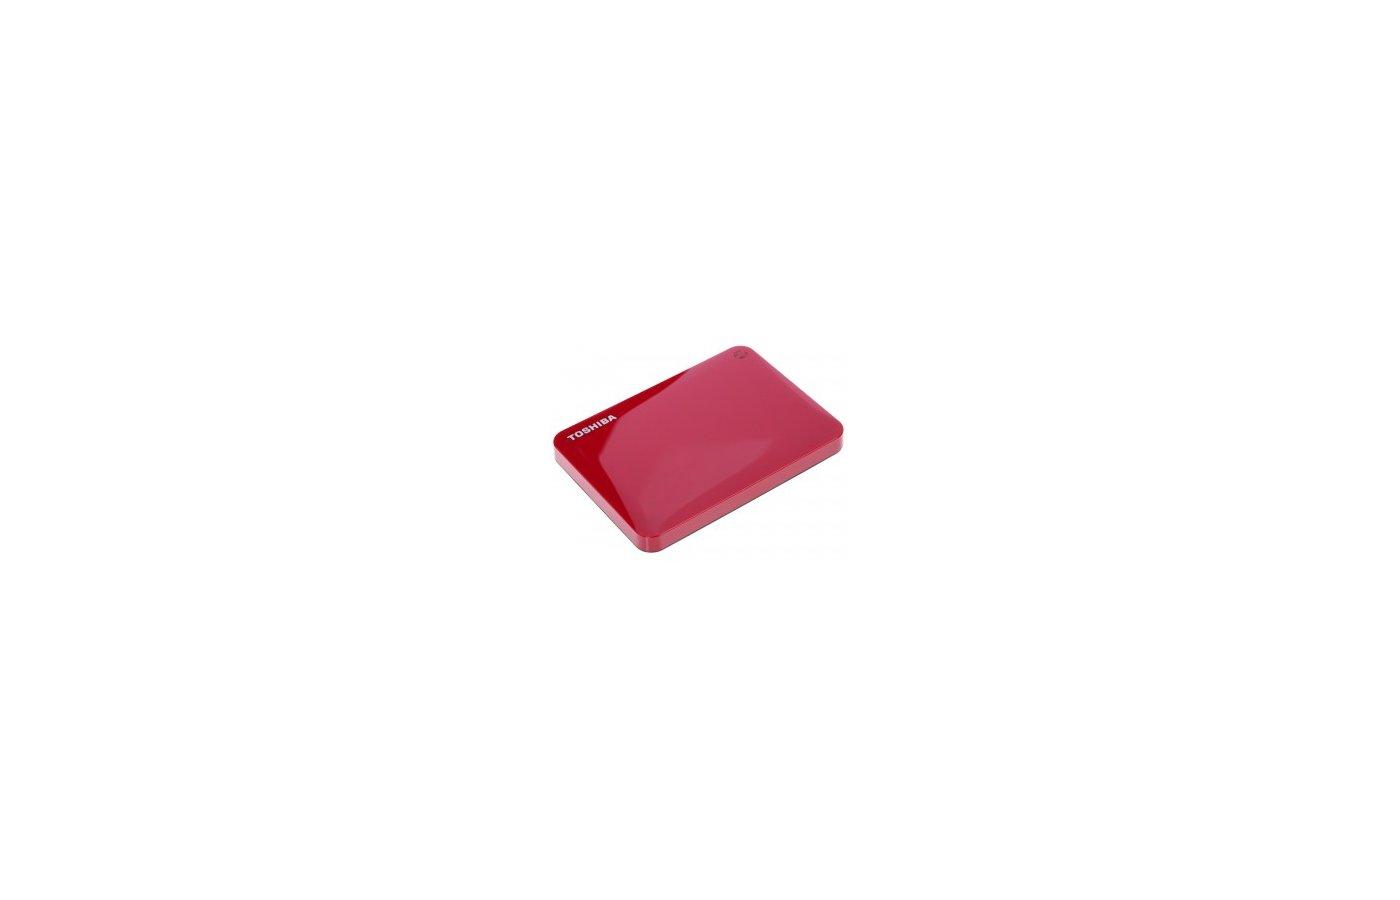 Внешний жесткий диск Toshiba HDTC805ER3AA 500Gb CANVIO Connect II красный